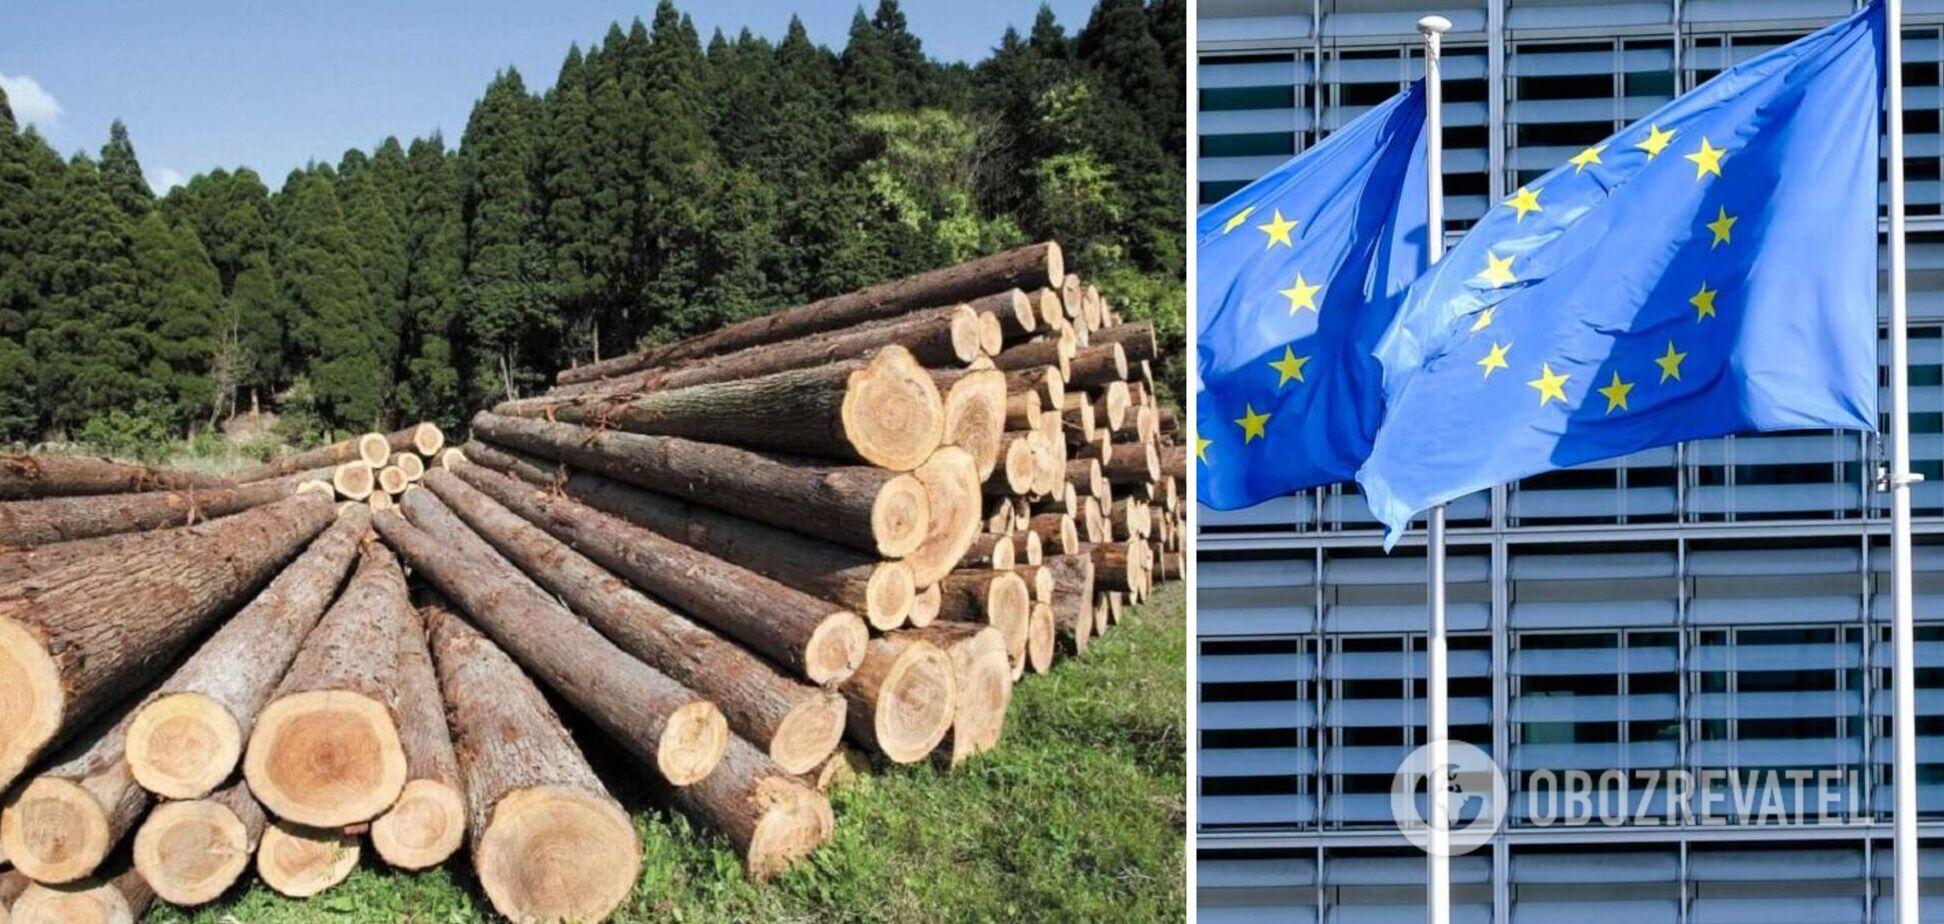 Украина отменит мораторий на экспорт леса-кругляка в обмен на 600 млн евро от Евросоюза, – журналист